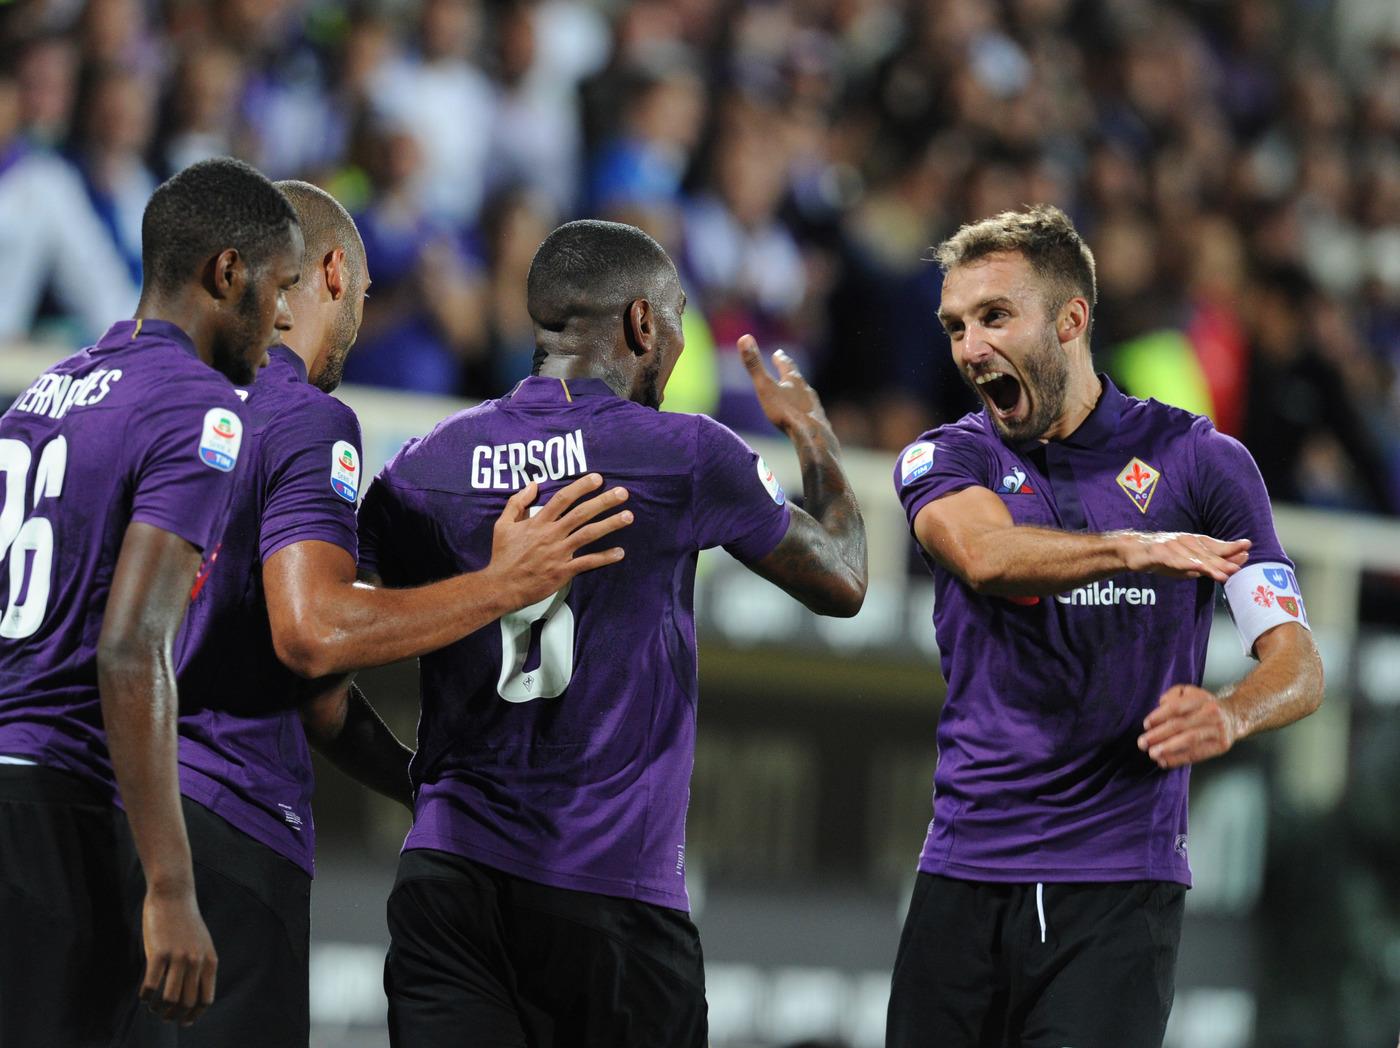 La Fiorentina di Pioli: freschezza e inesperienza di un progetto giovane